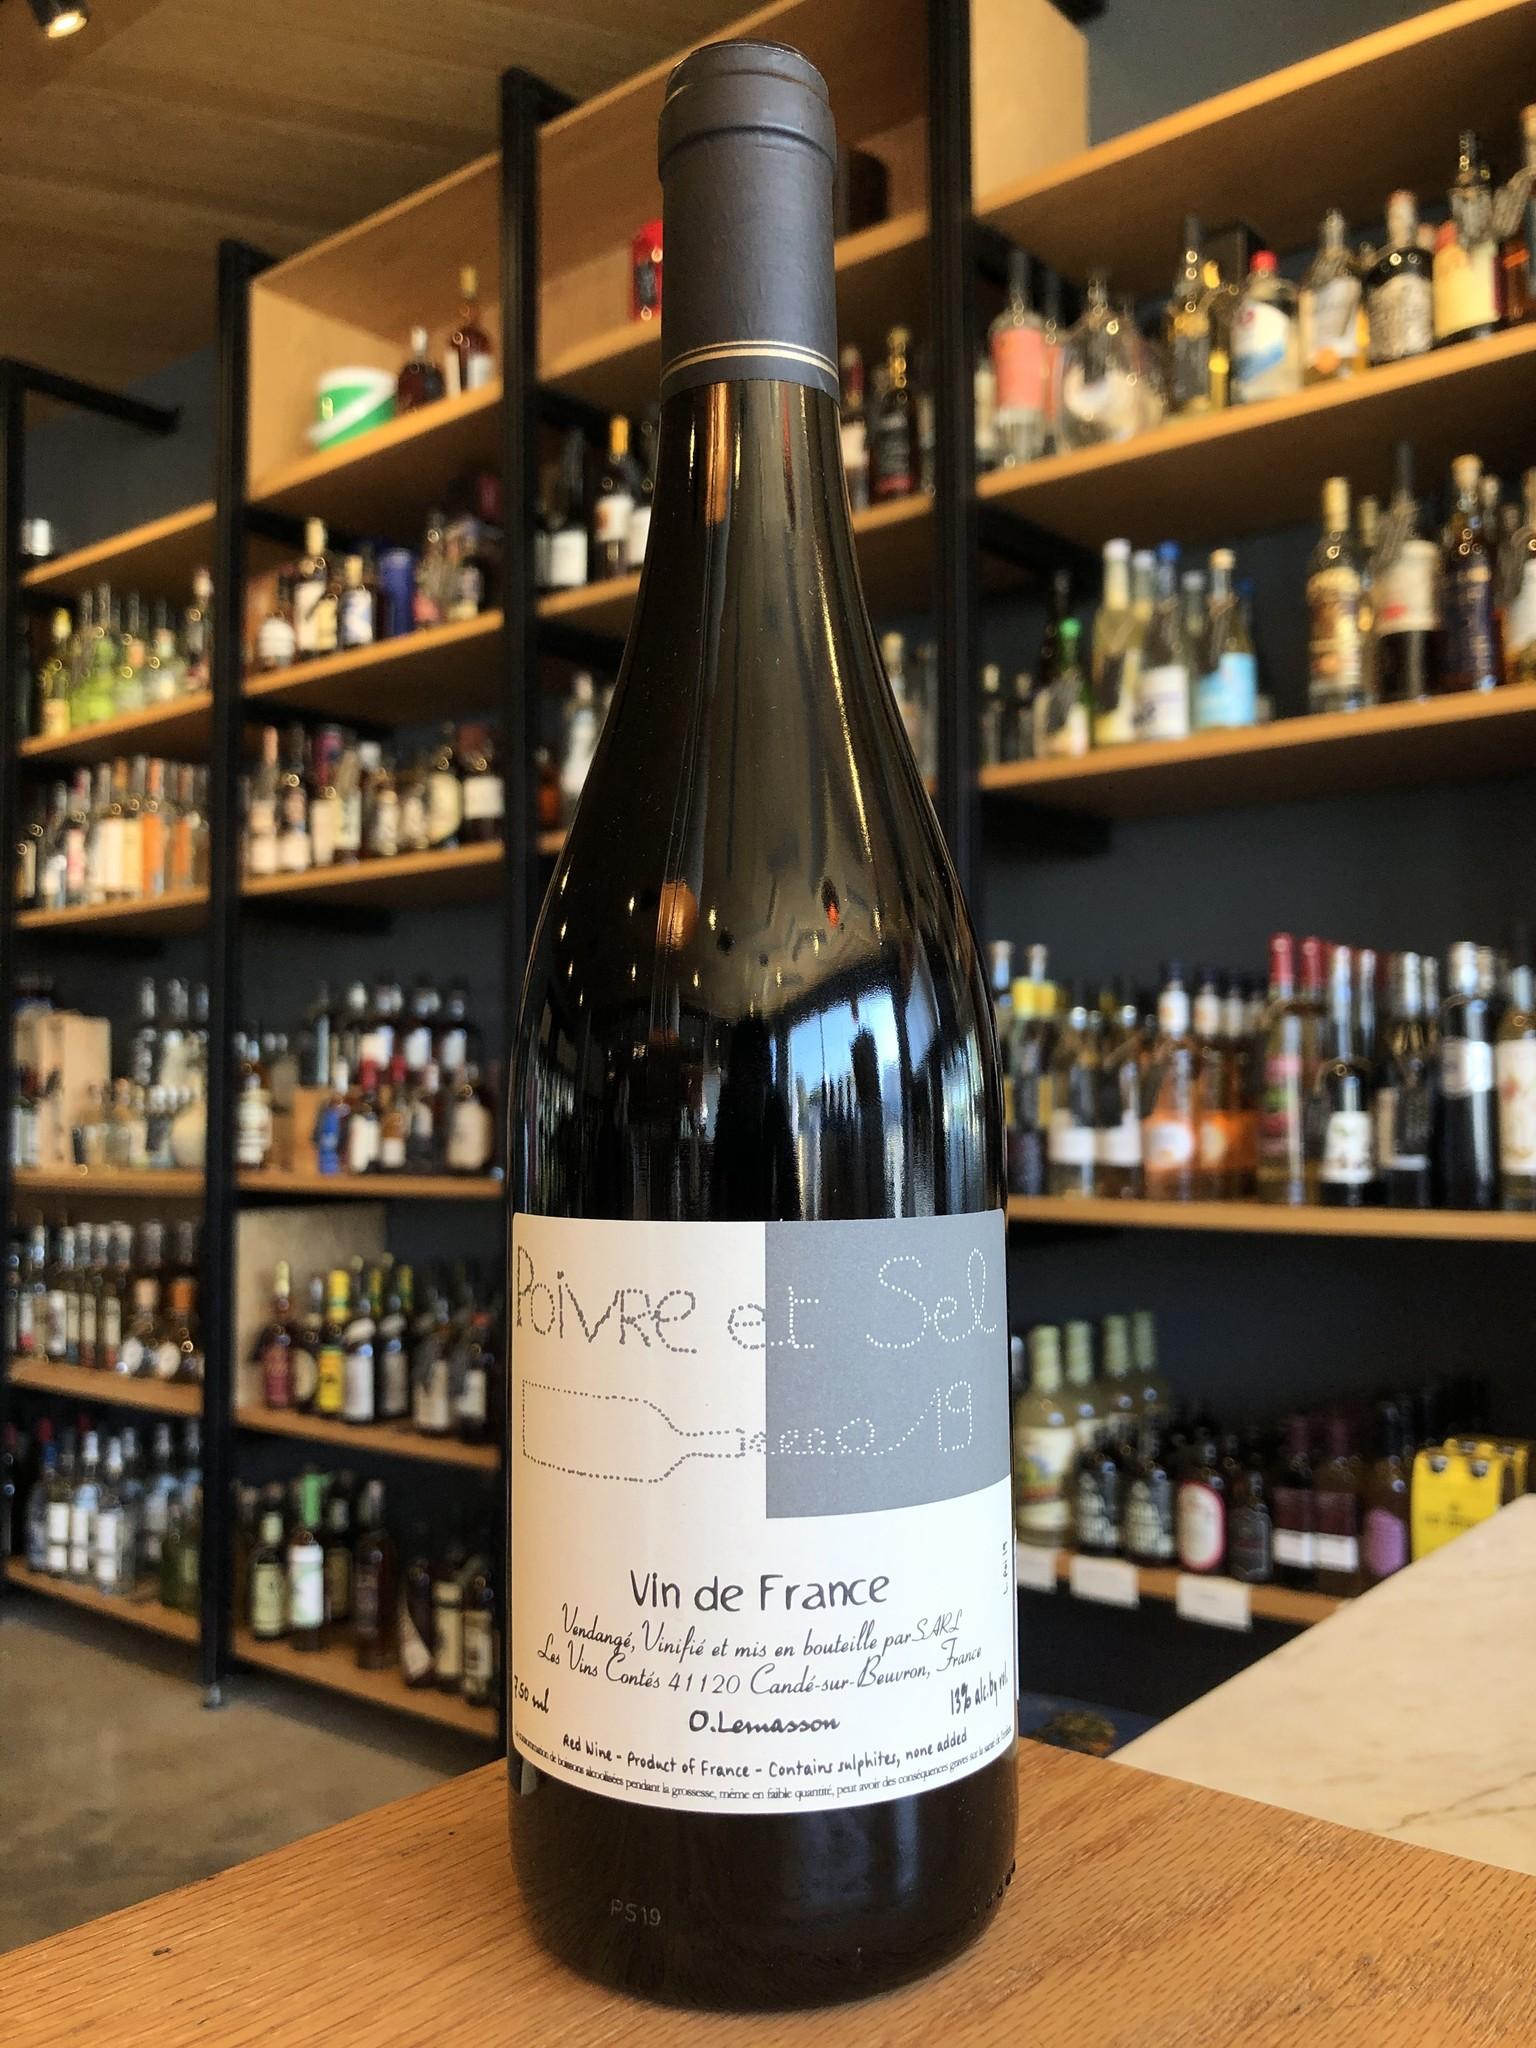 Les Vins Contés 2019 Les Vins Contes 'Poivre et Sel' 750ml